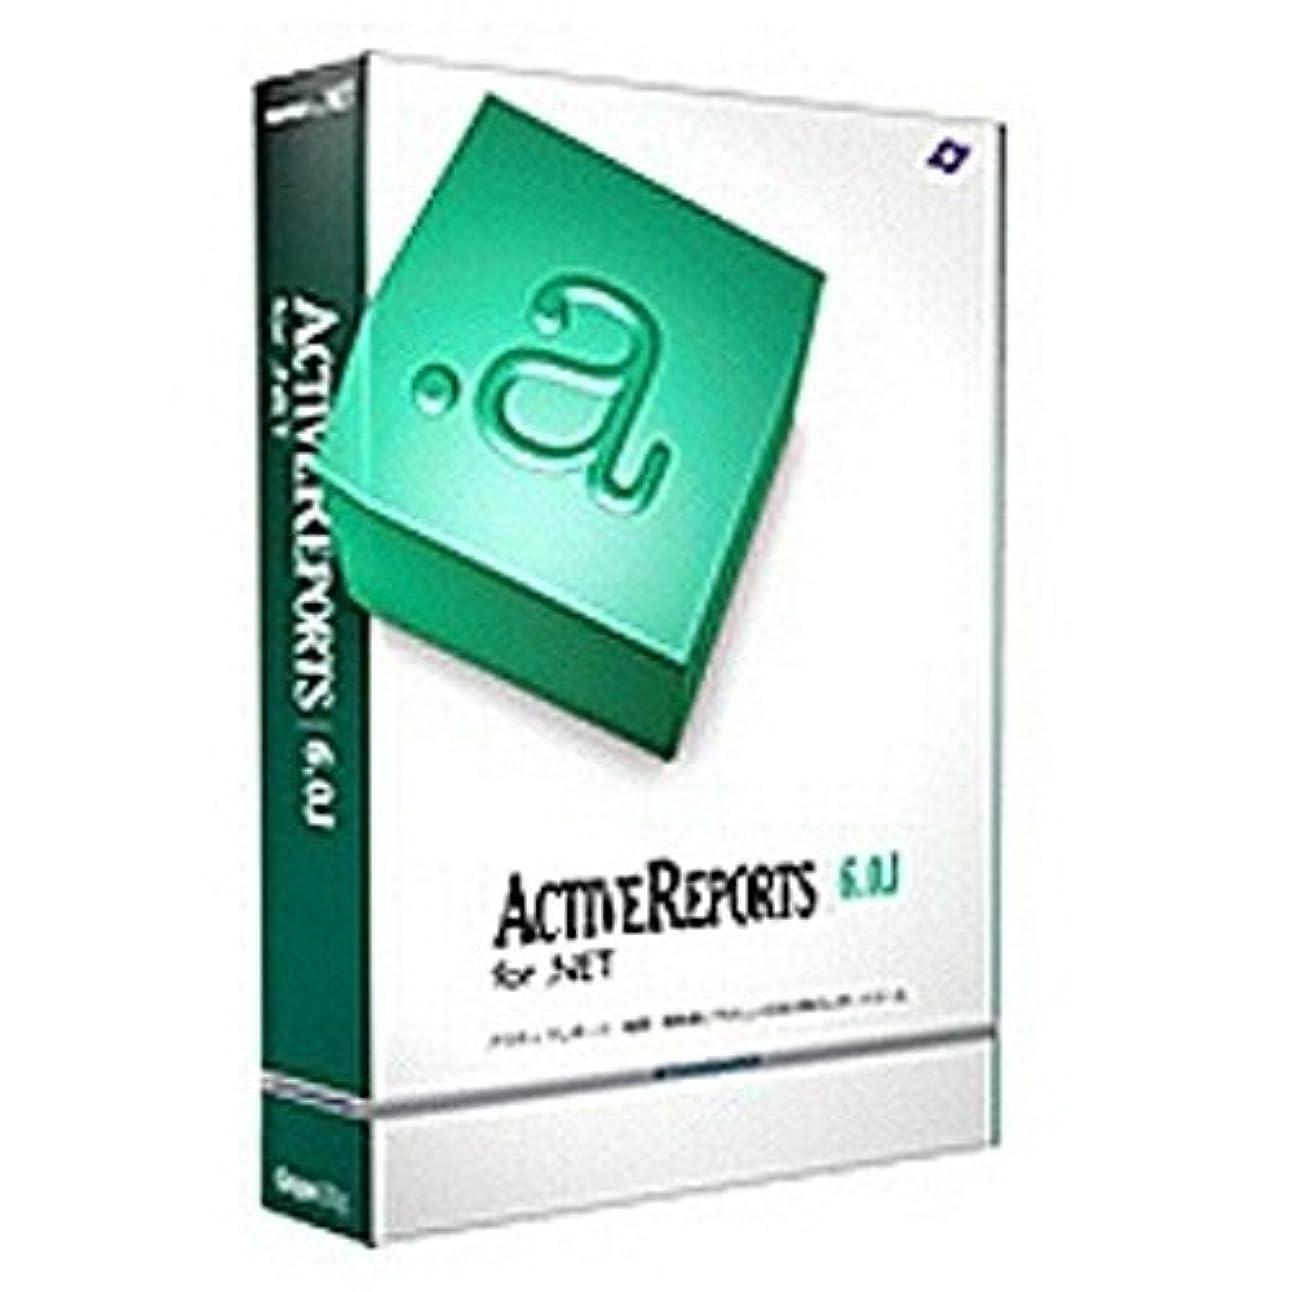 テスピアンパレード新年ActiveReports for .NET 6.0J Professional 3開発Lパッケージ